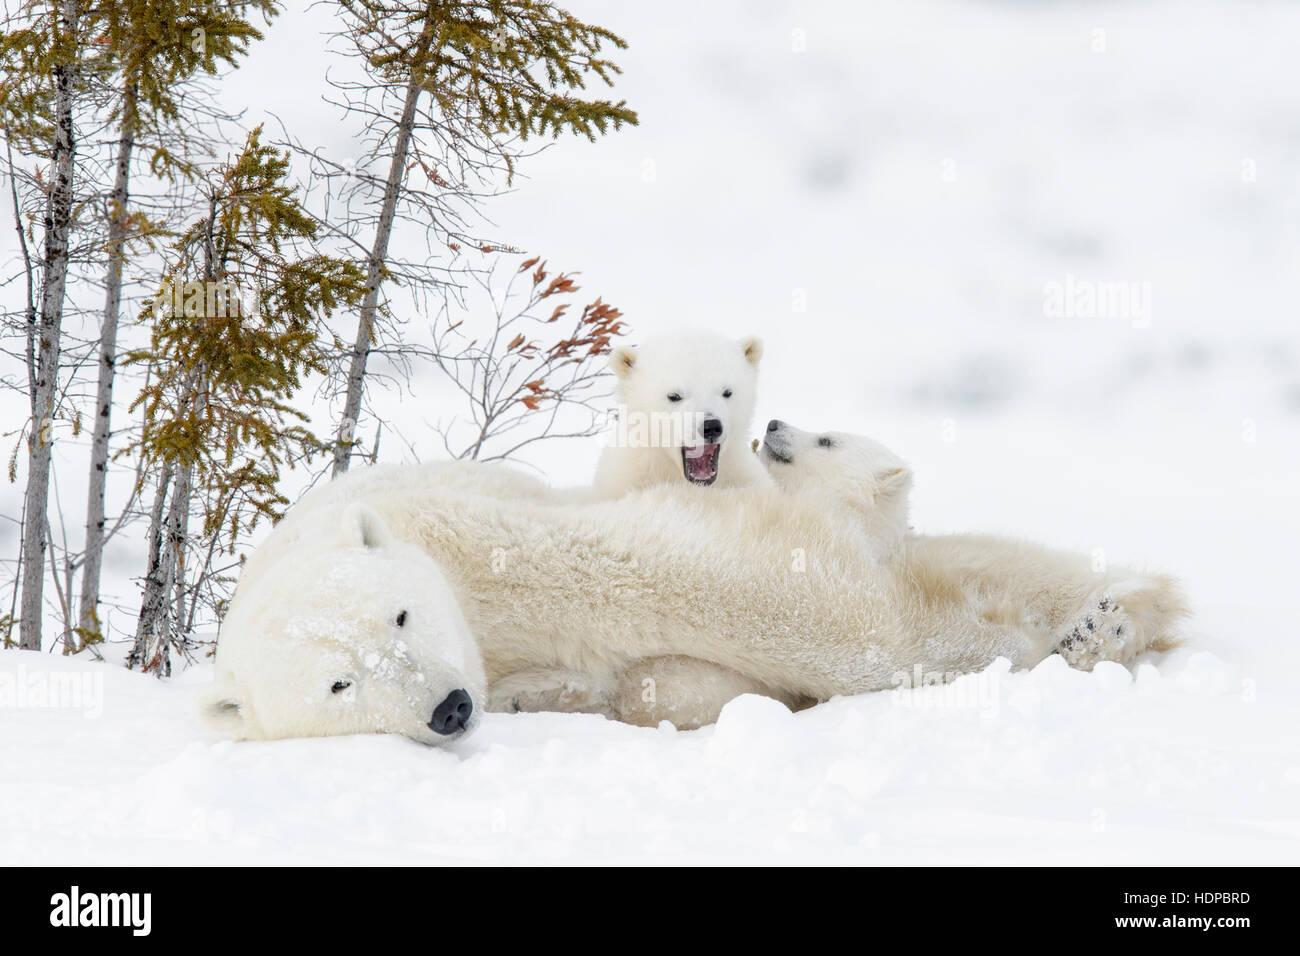 Orso polare madre (Ursus maritimus) con due lupetti, Wapusk National Park, Manitoba, Canada Immagini Stock